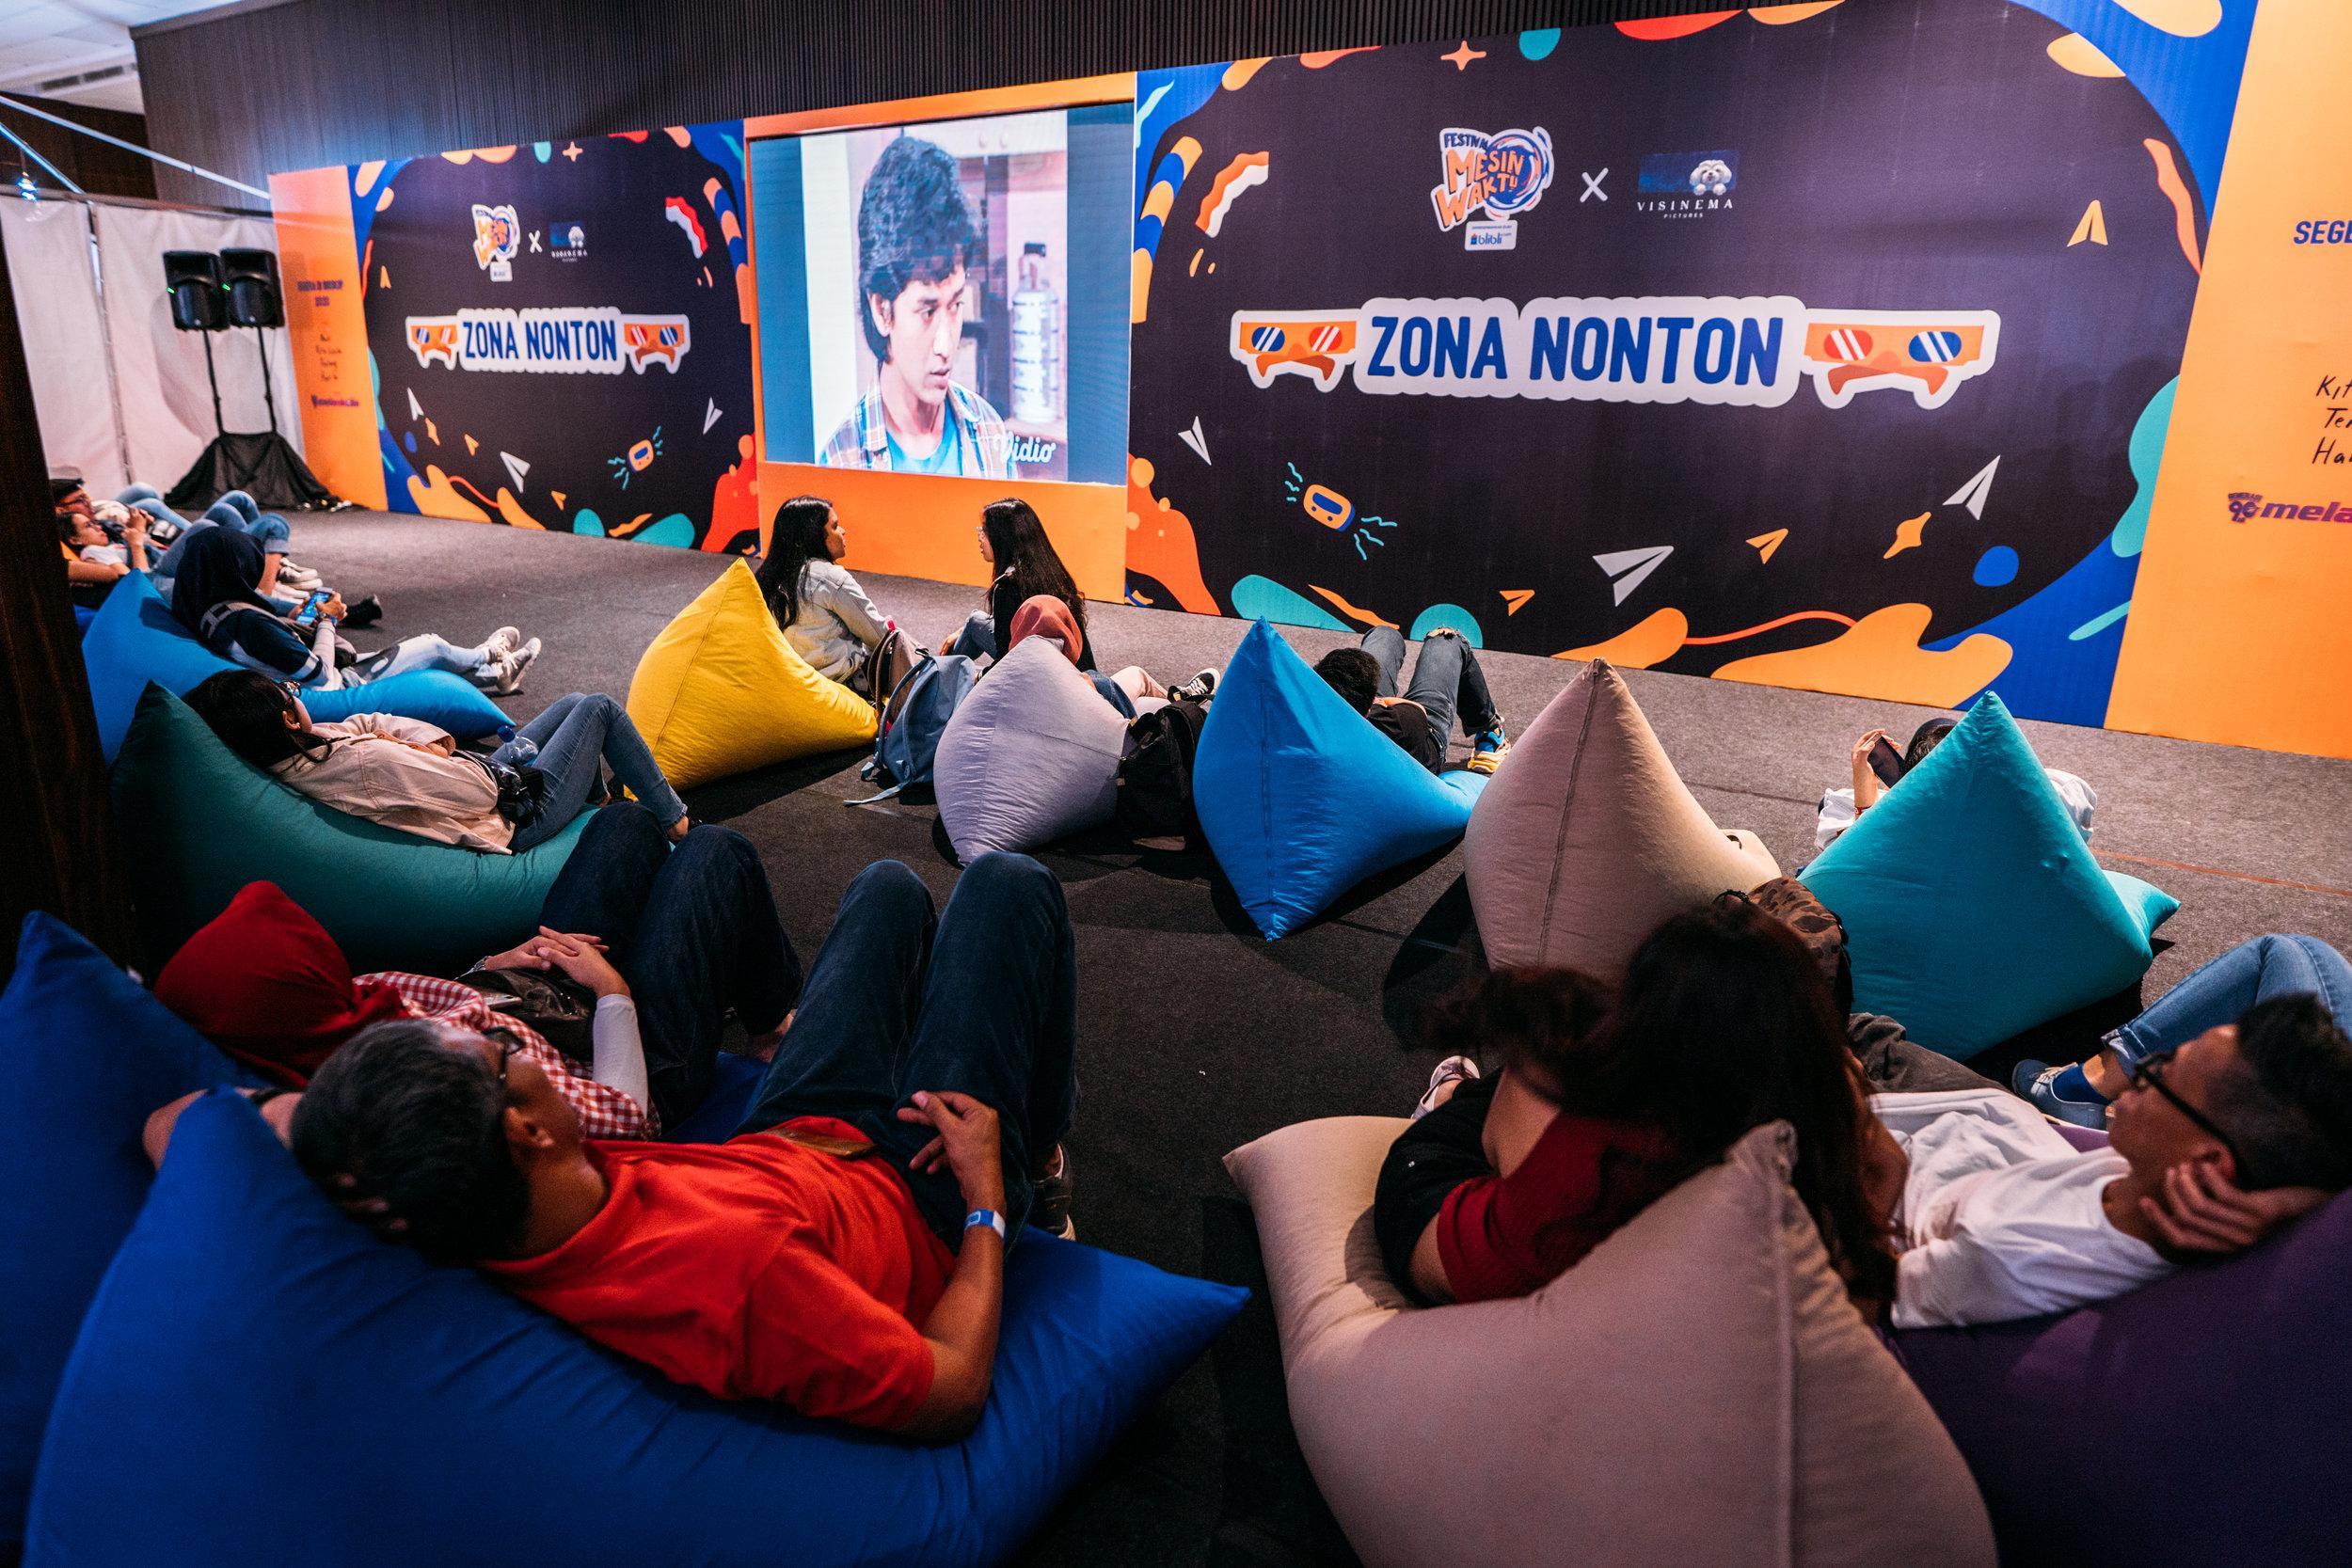 Zona Nonton-09766.JPG